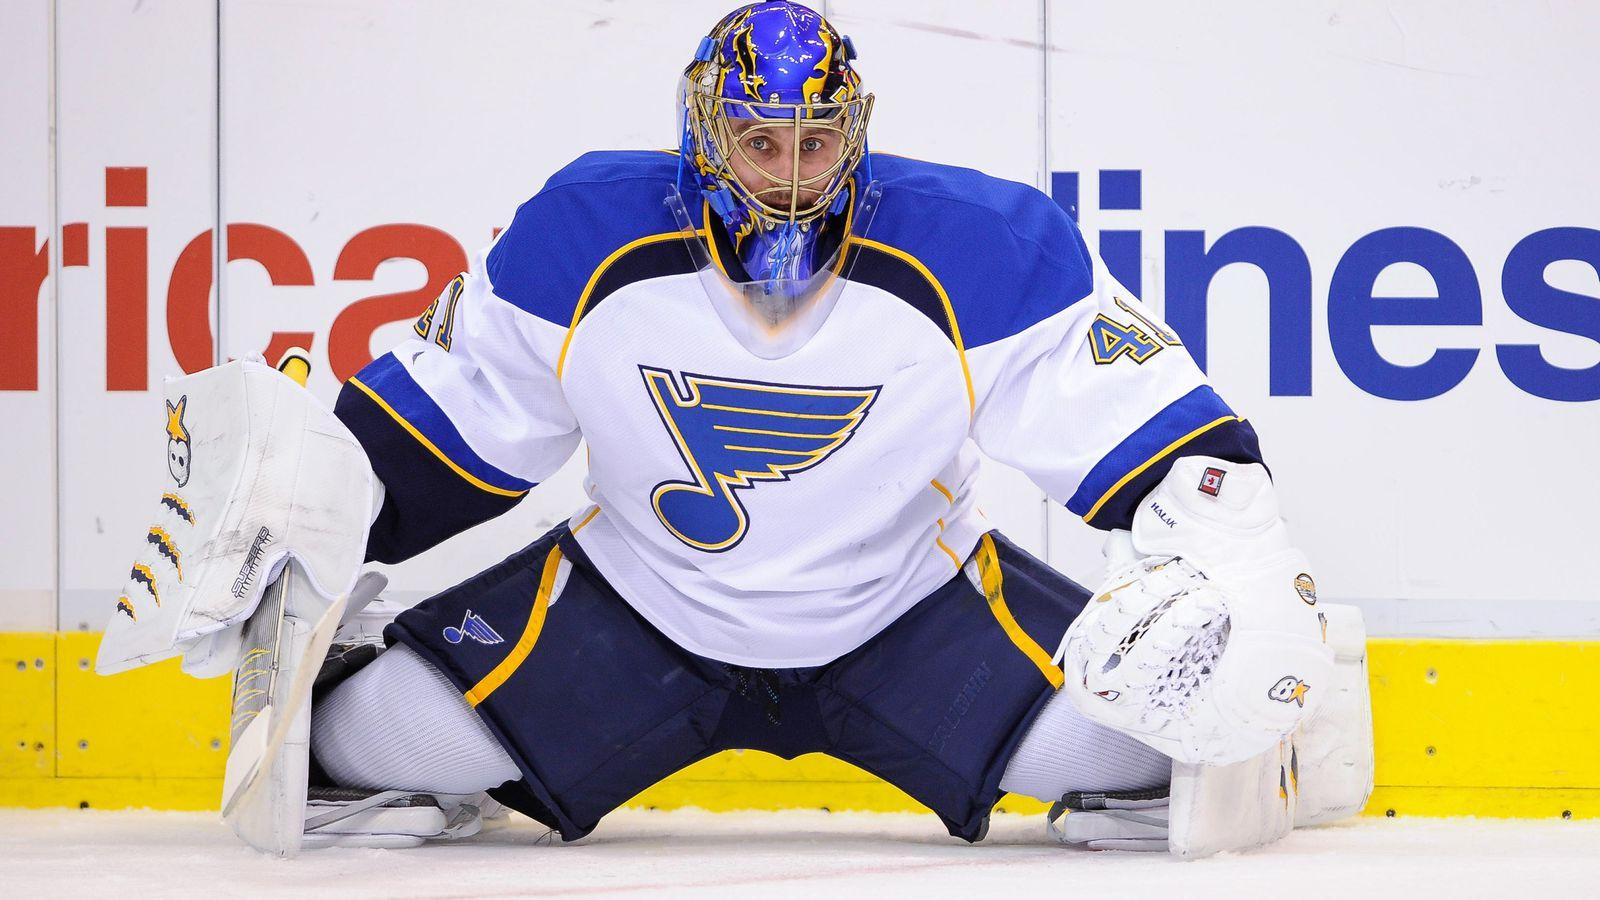 星期一的NHL赛程和首发守门员:Jaroslav Halak回归国王队